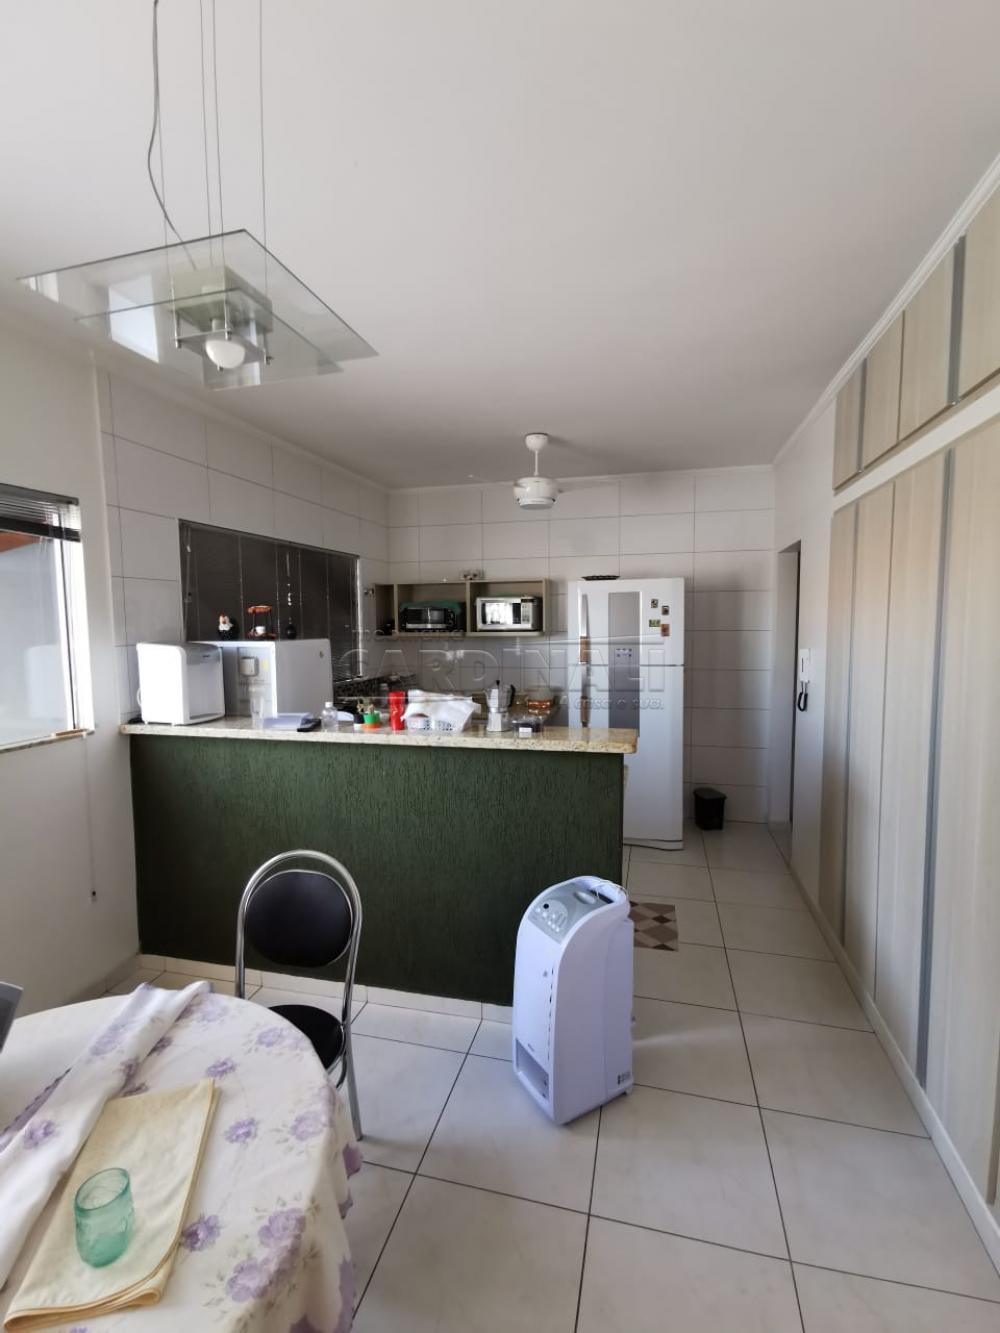 Comprar Casa / Padrão em Araraquara R$ 680.000,00 - Foto 6